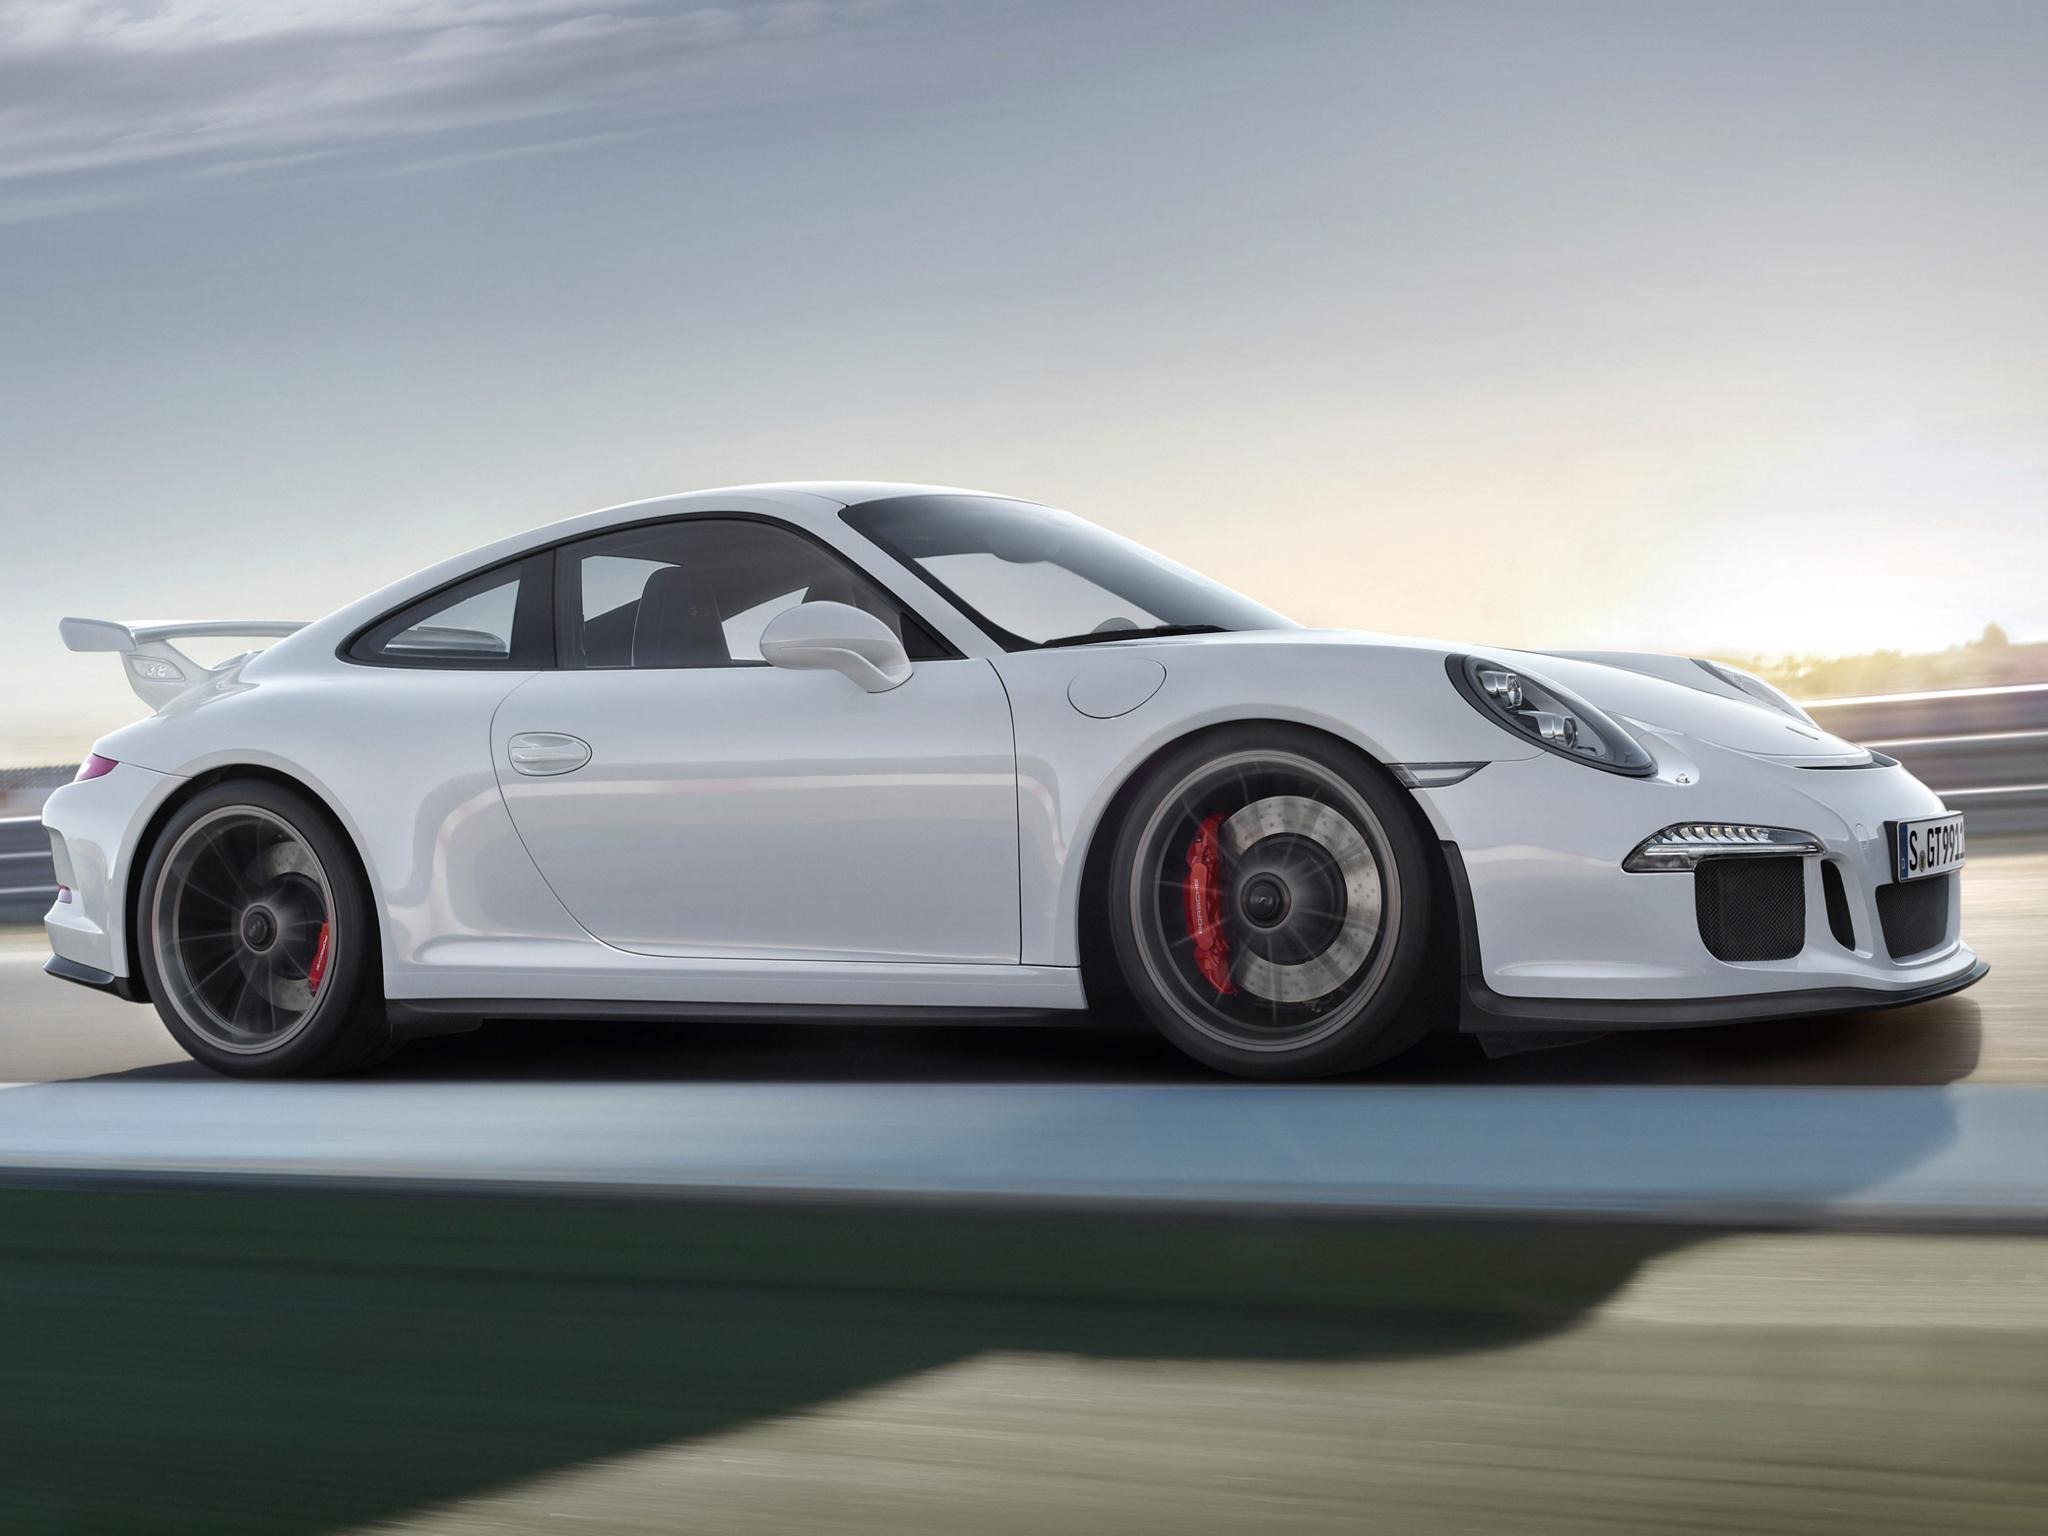 2014 Porsche 911 Gt3 991 Supercar S Wallpaper 2048x1536 230922 Wallpaperup